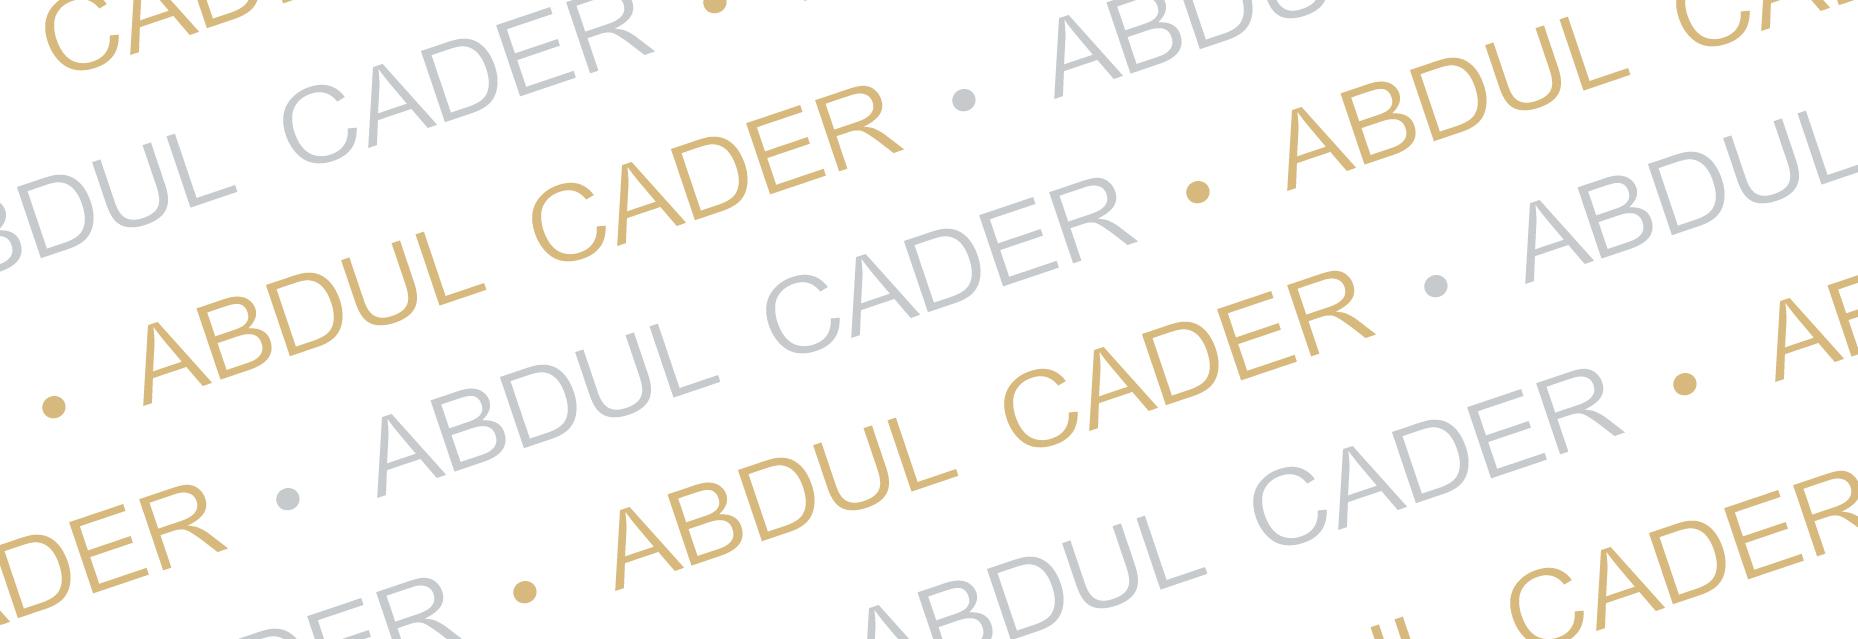 Abdul Cader Signature